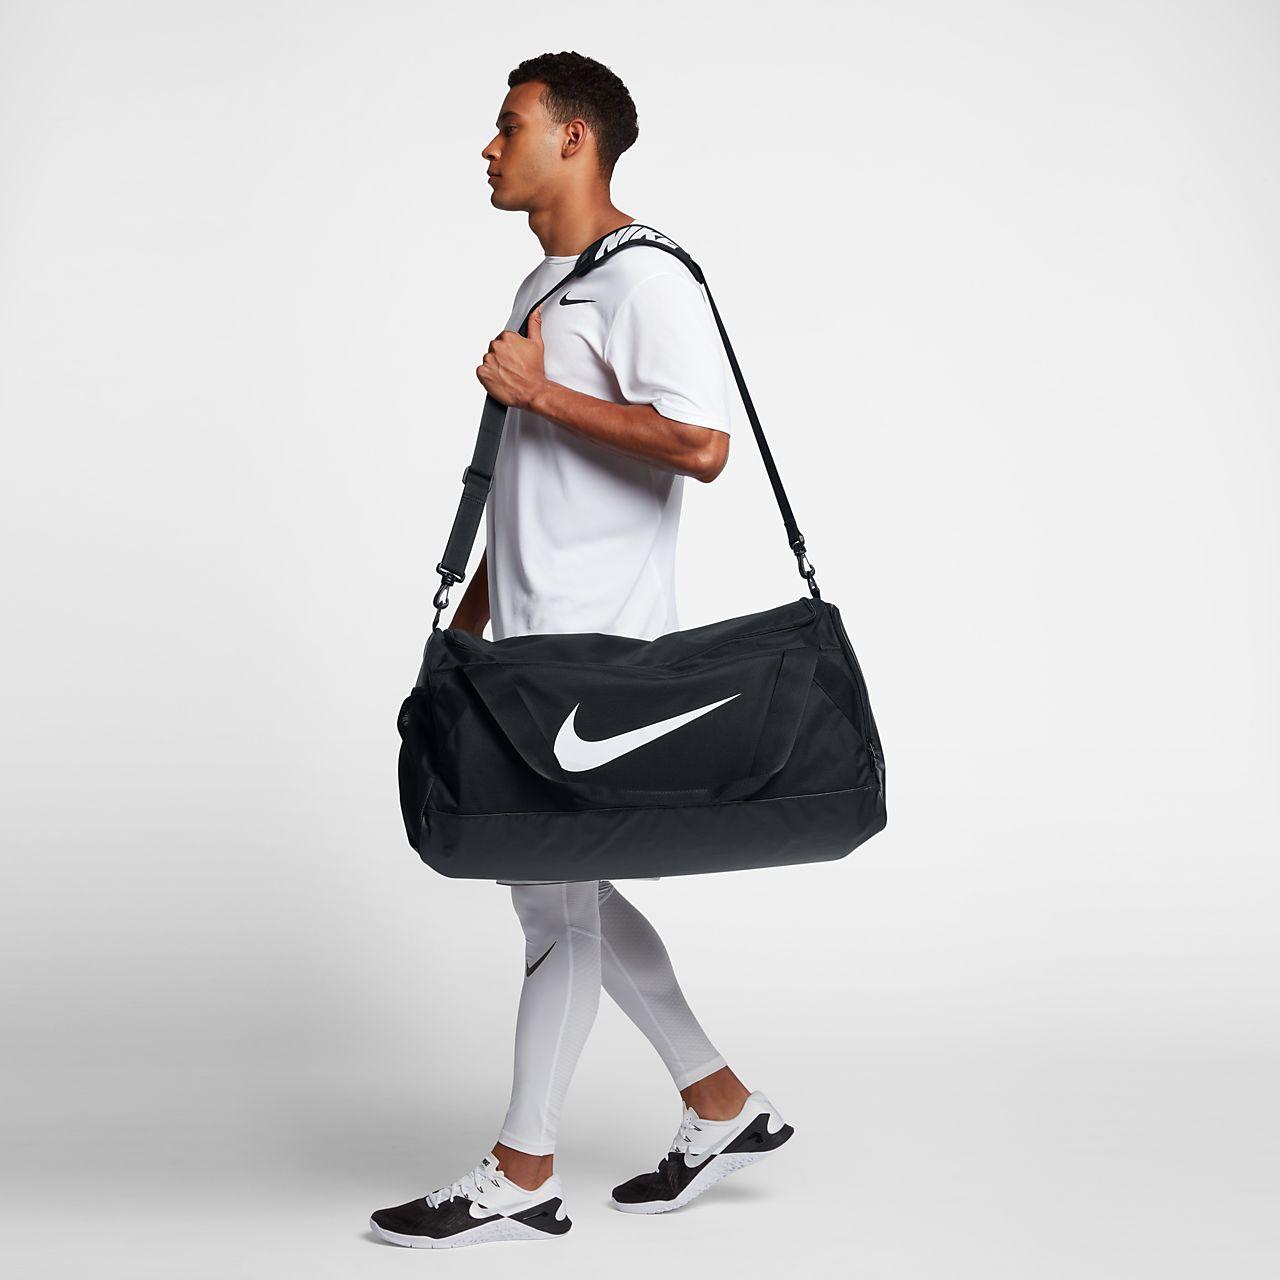 Nike Bolsa Deporte EntrenamientograndeEs De Brasilia qUpGVSzM